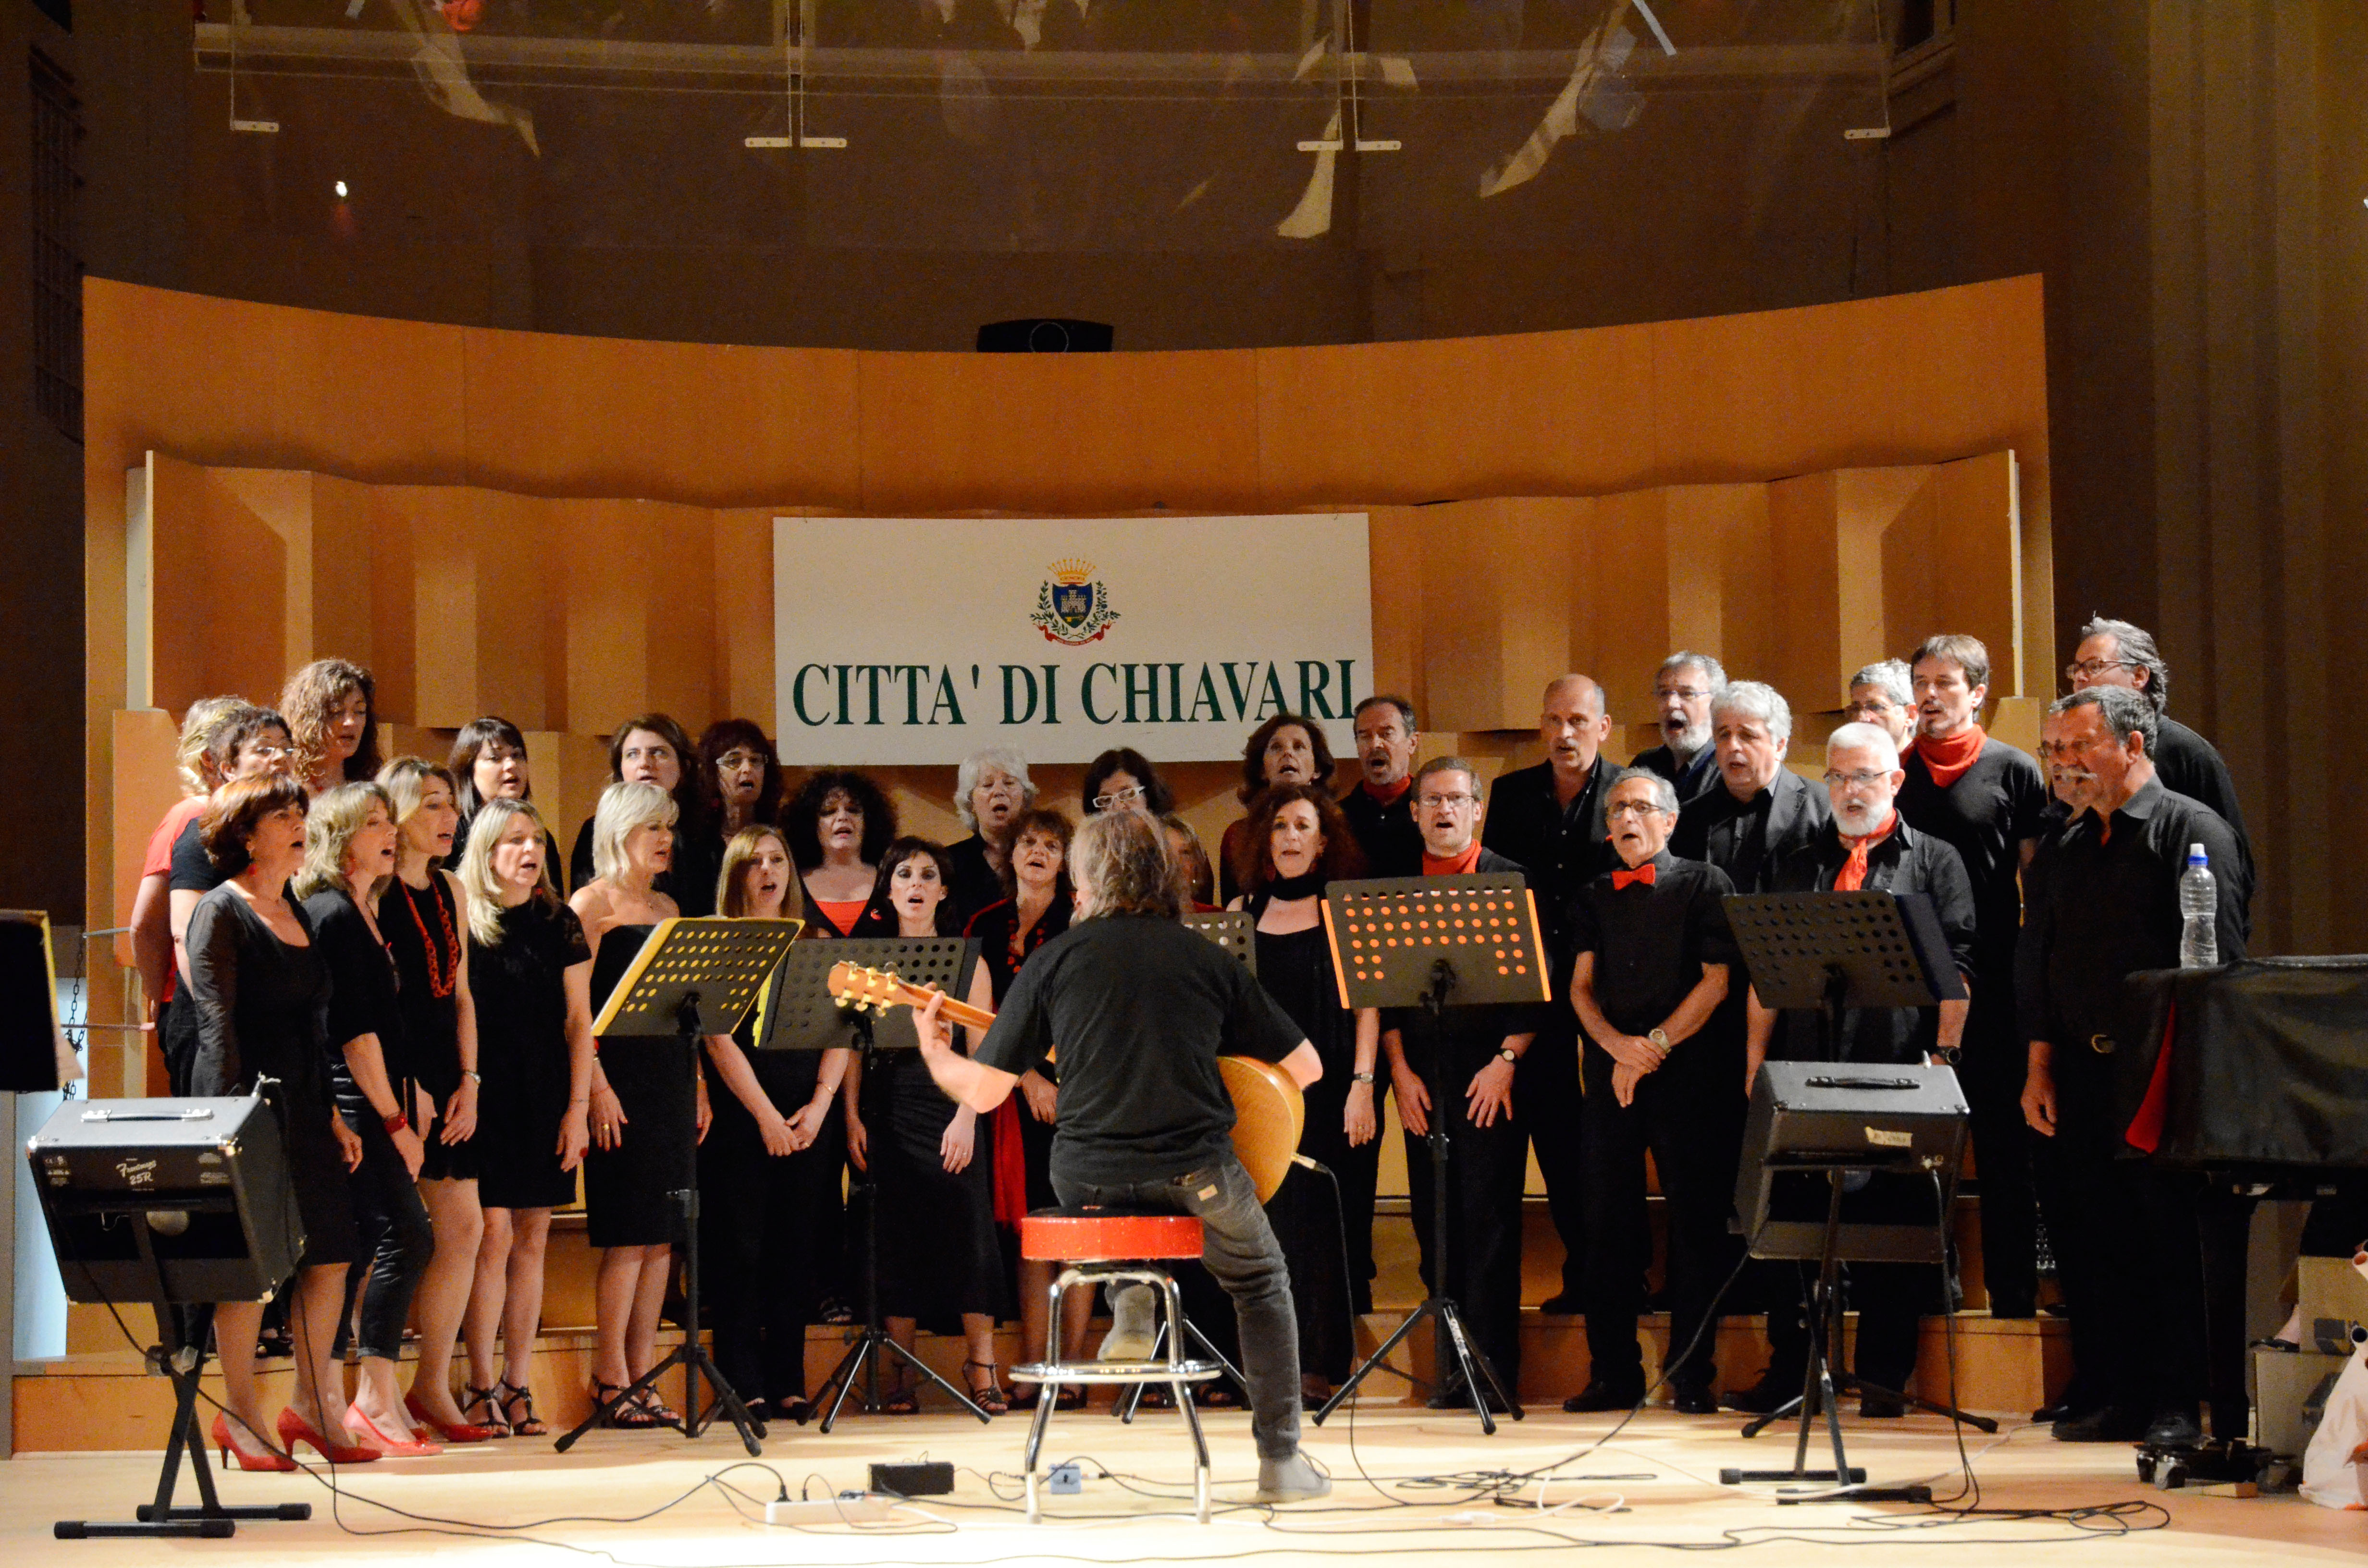 9 GIUGNO 2012- RASSEGNA CORALE OTTOBRINI - CHIAVARI.jpg